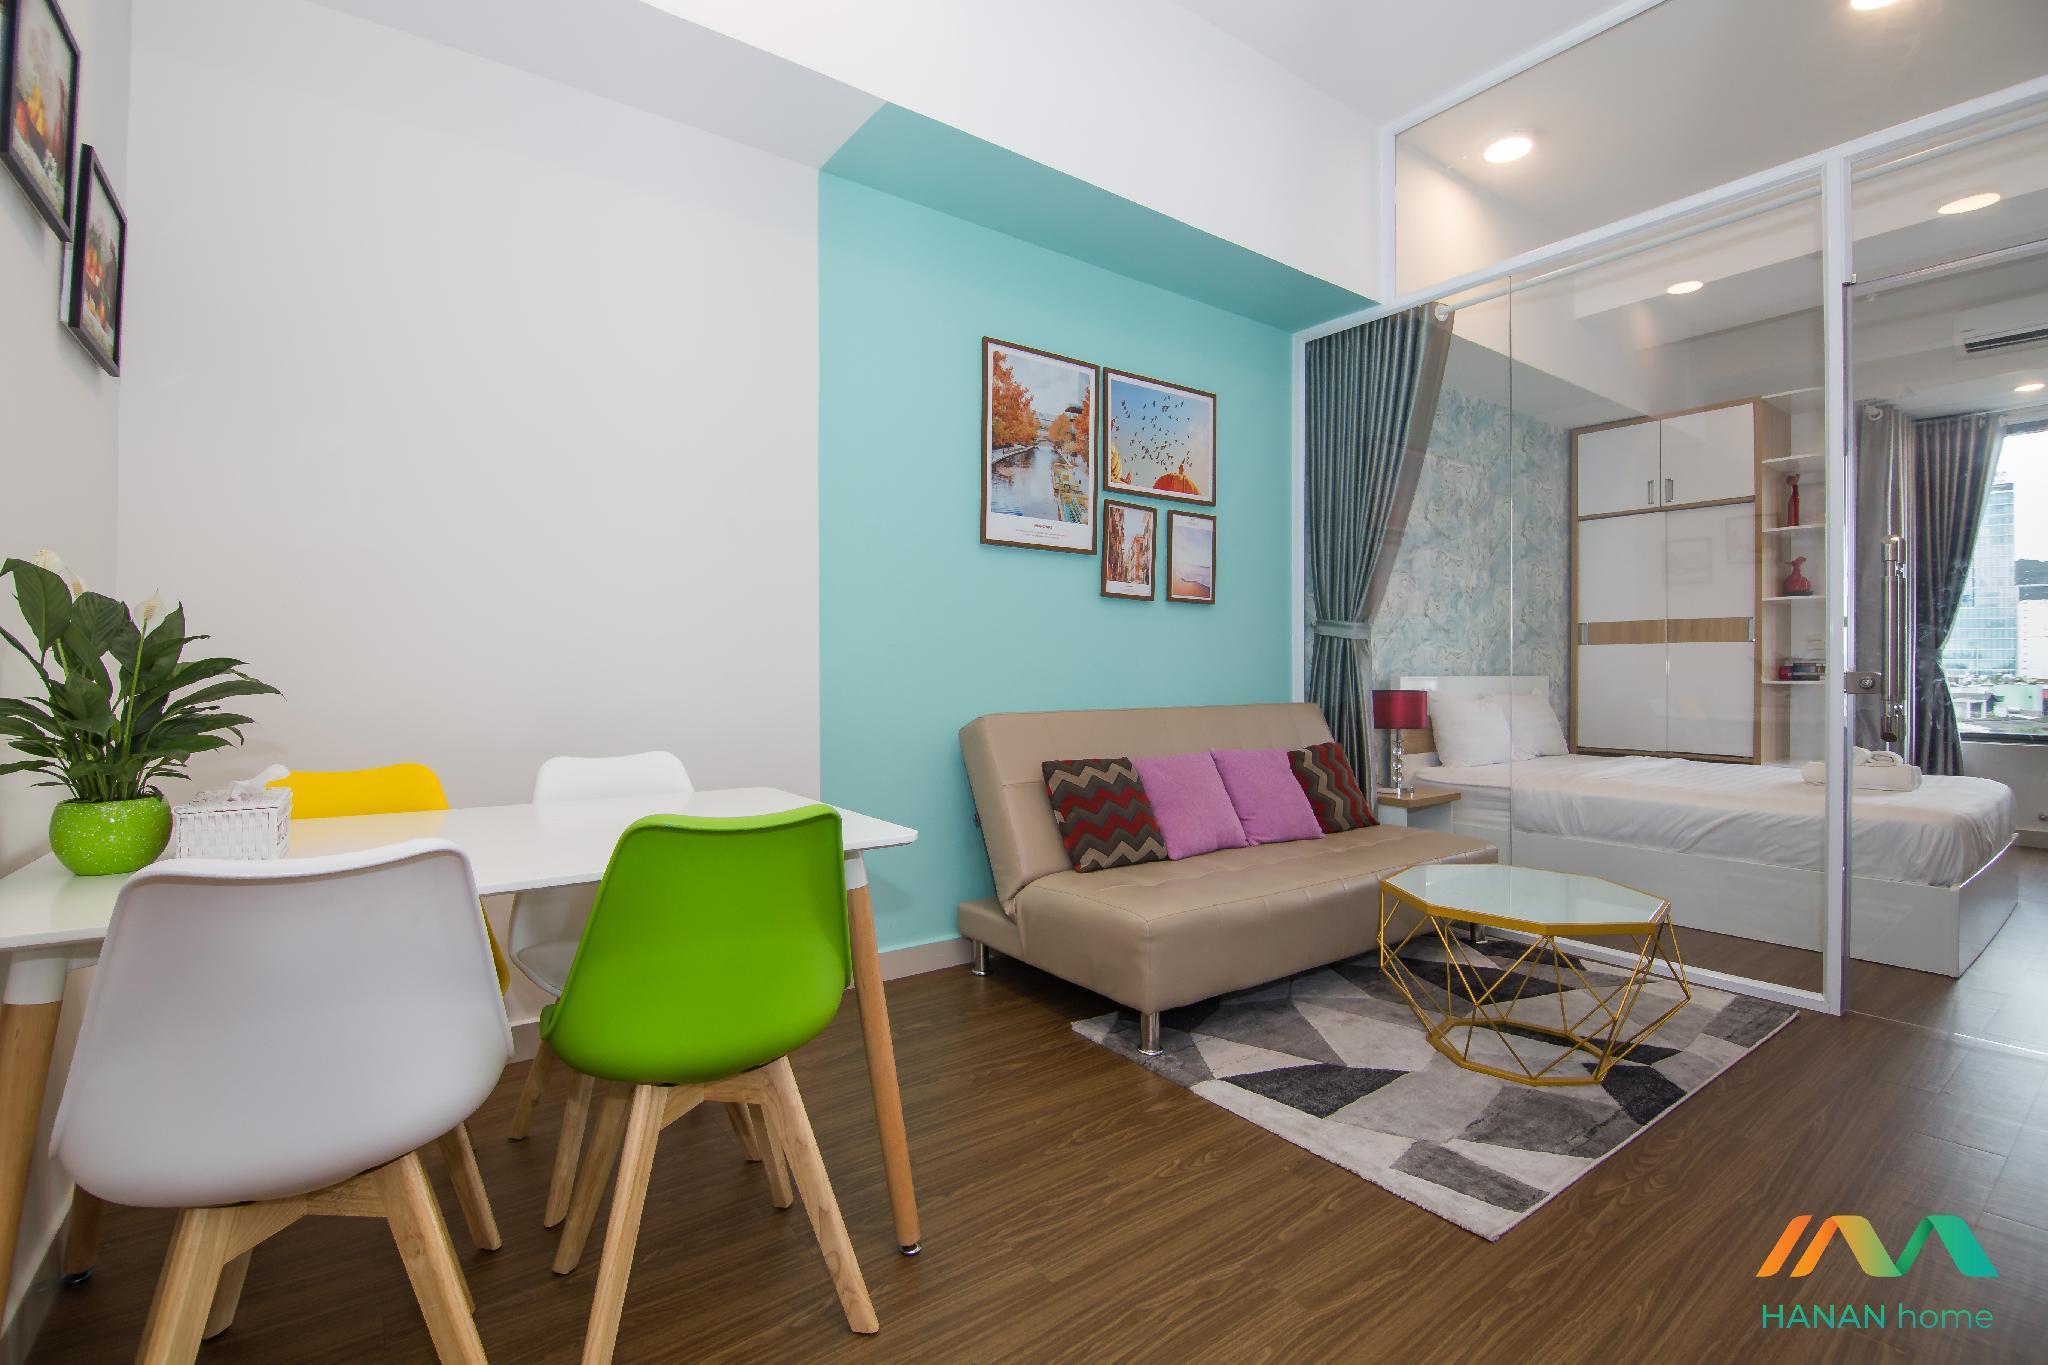 HANAN 1 BR Apartment At Saigon Downtown